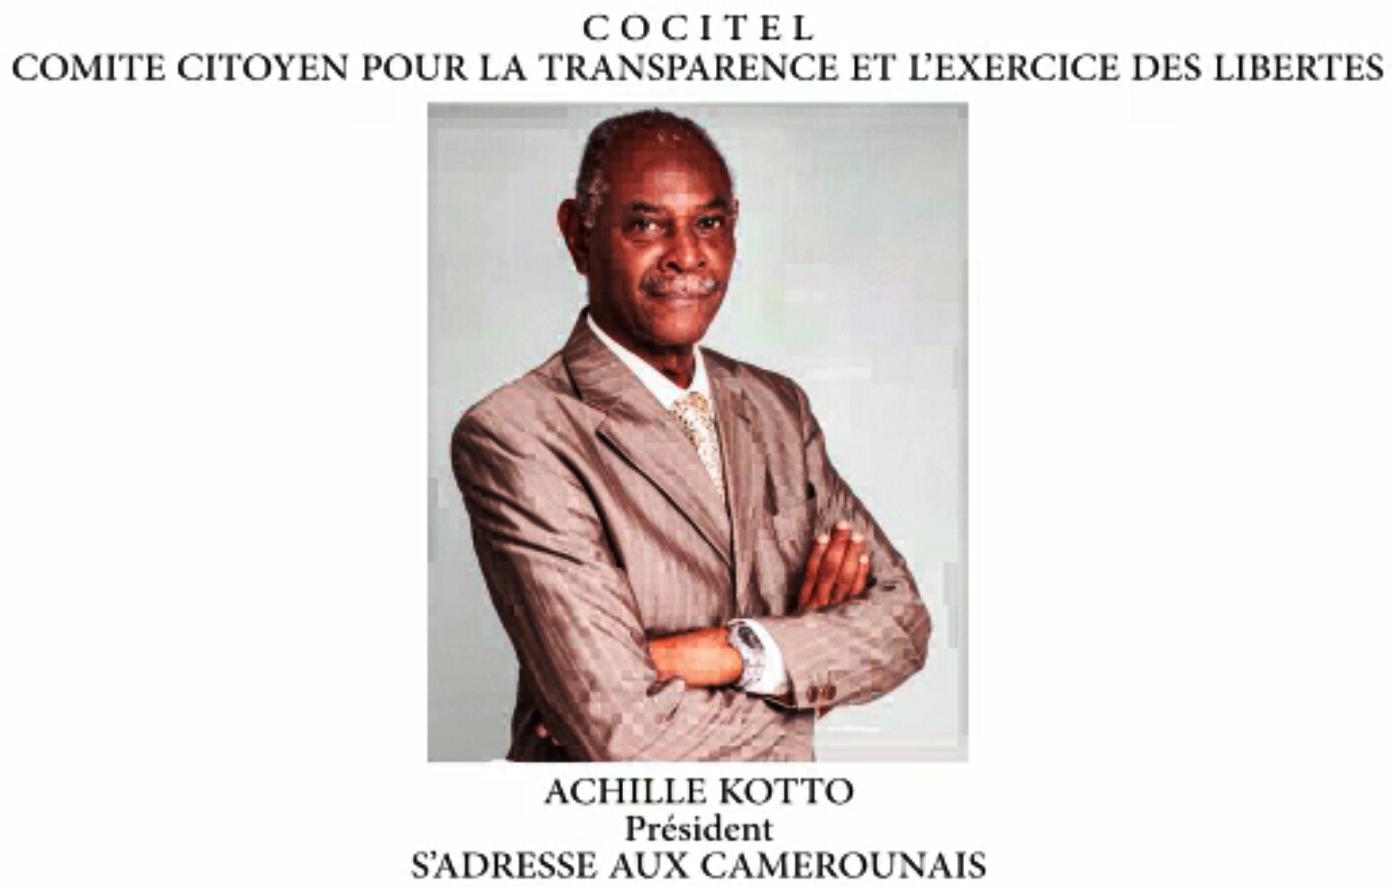 CAMEROUN/Dialogue National: Achille KOTTO du COCITEL s'adresse aux camerounais